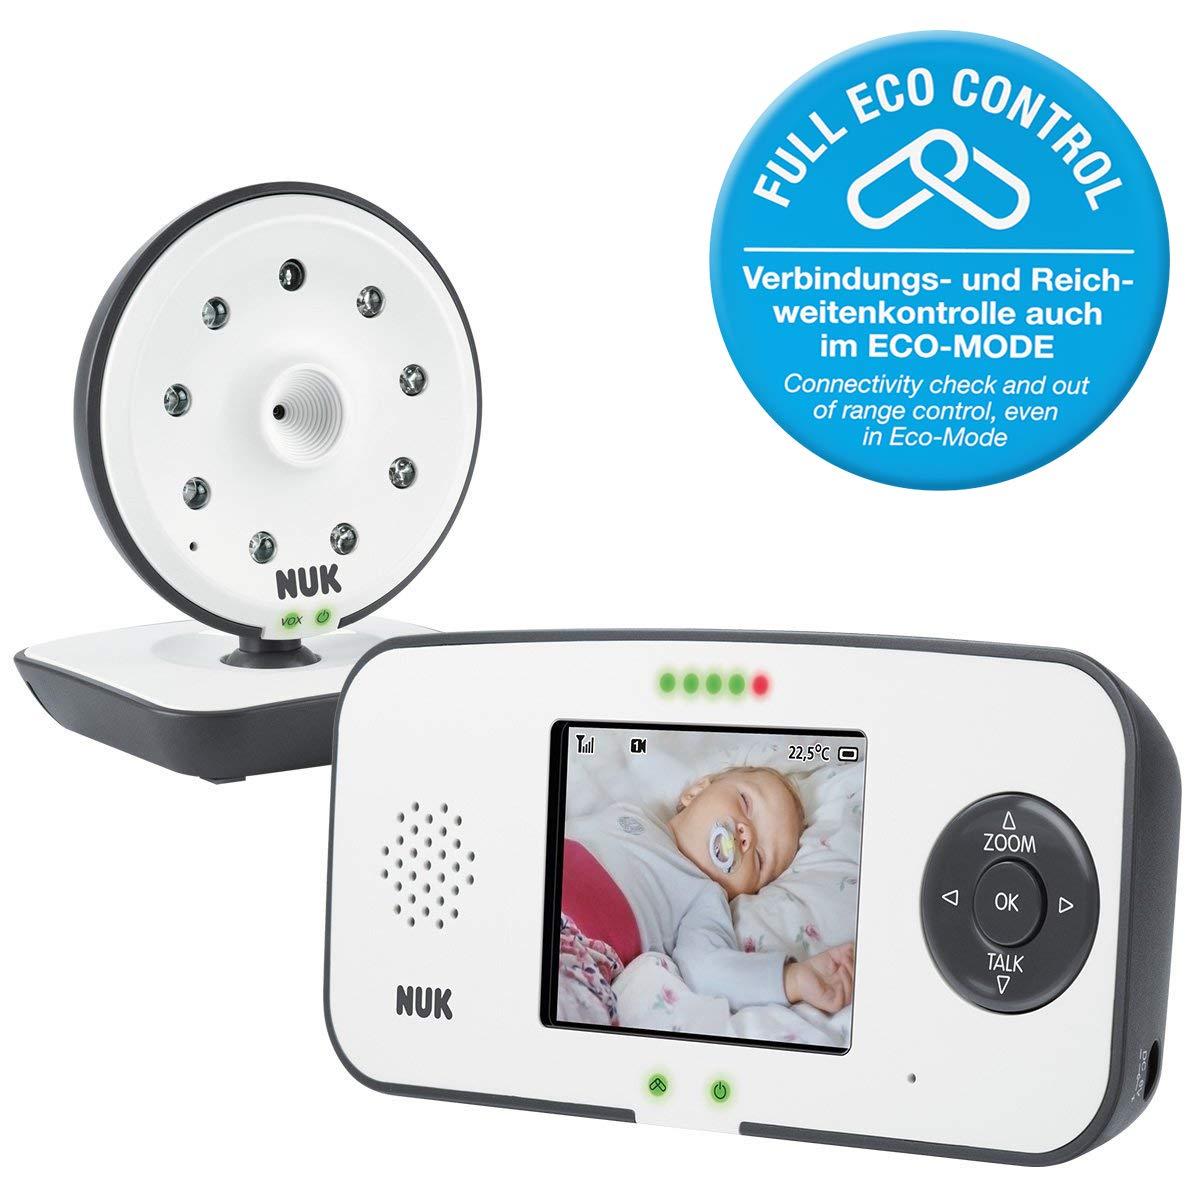 NUK Eco Control Video Display 550VD - Digitales Babyphone, mit Cam + Display, bis zu 4 Kameras, keine hochfrequenter Strahlung im Eco-Mode